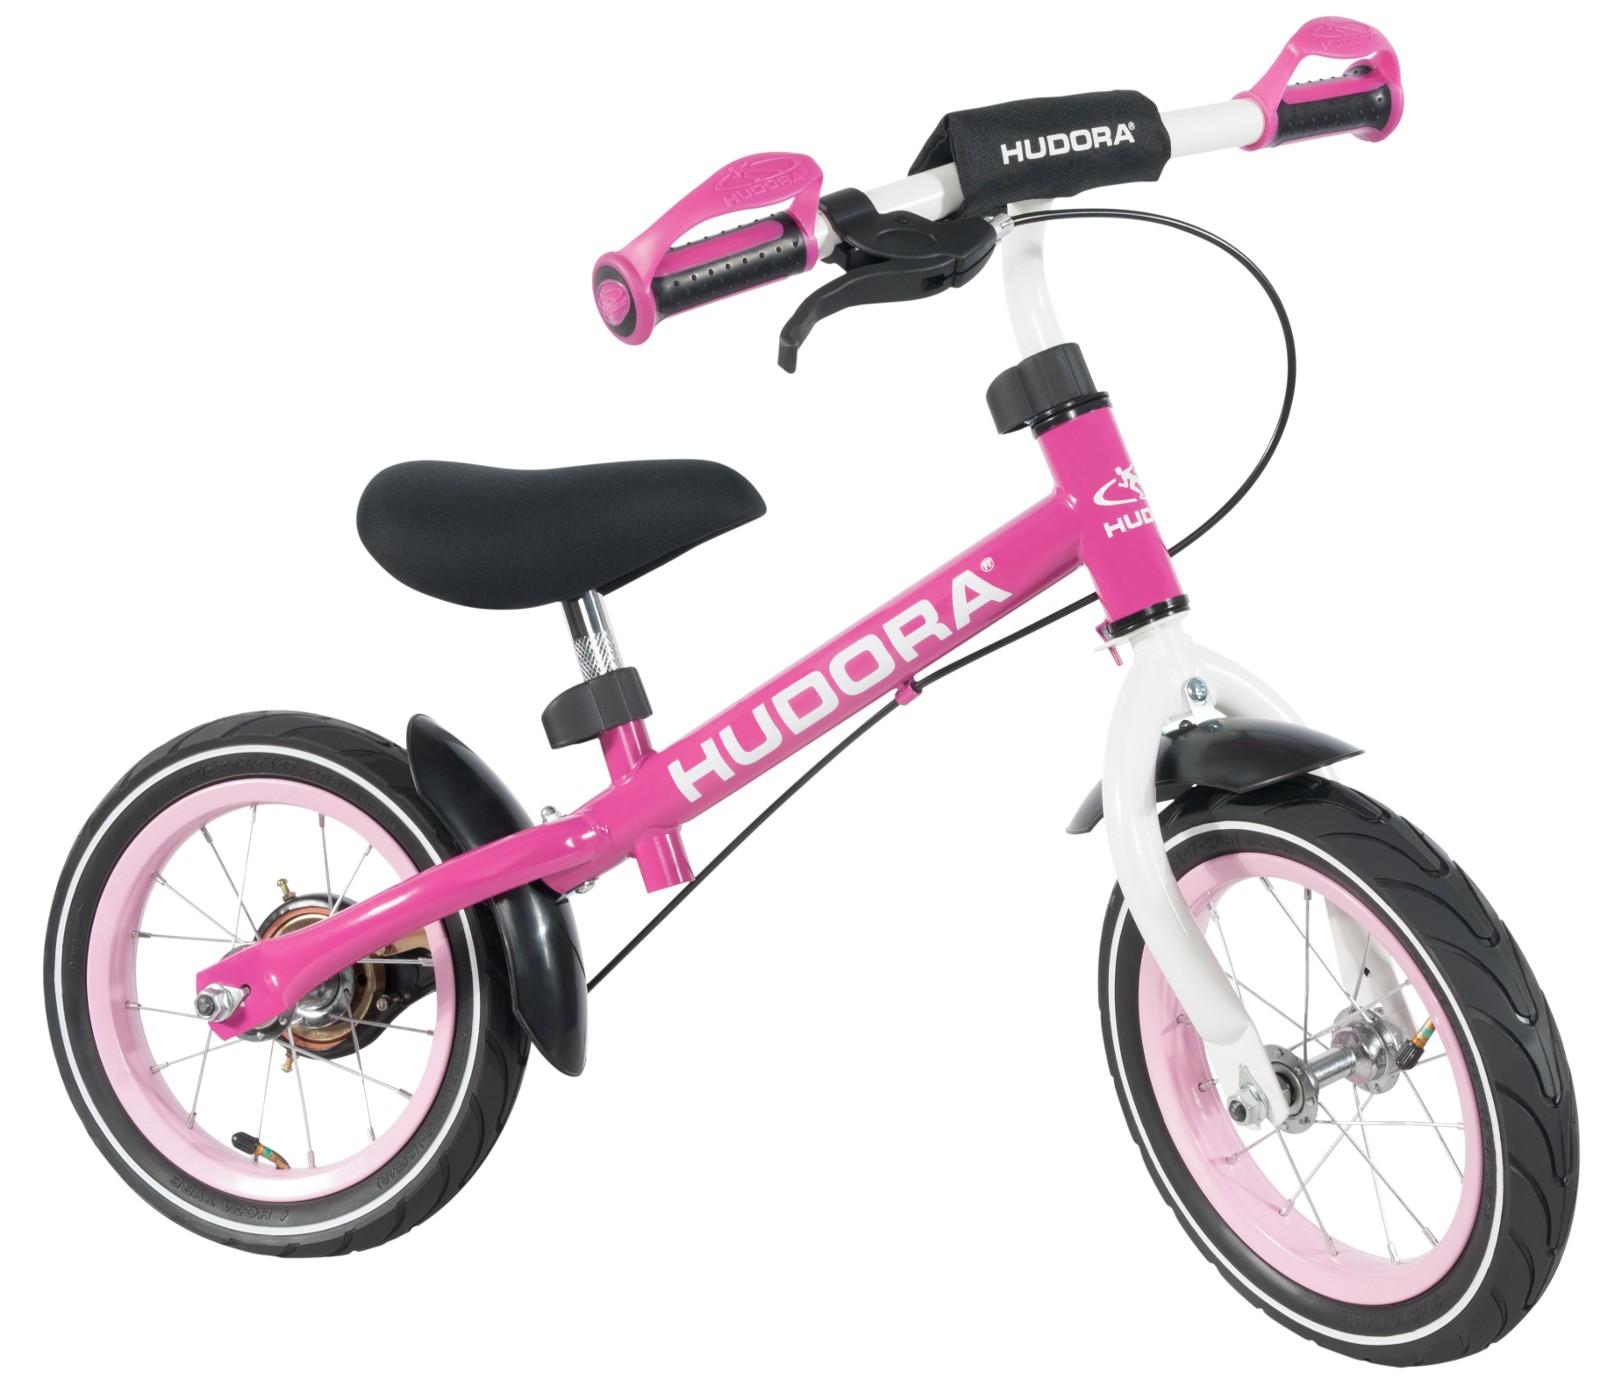 Mädchen Laufrad Ratzfatz pink Sicherheits Aufprallschutz